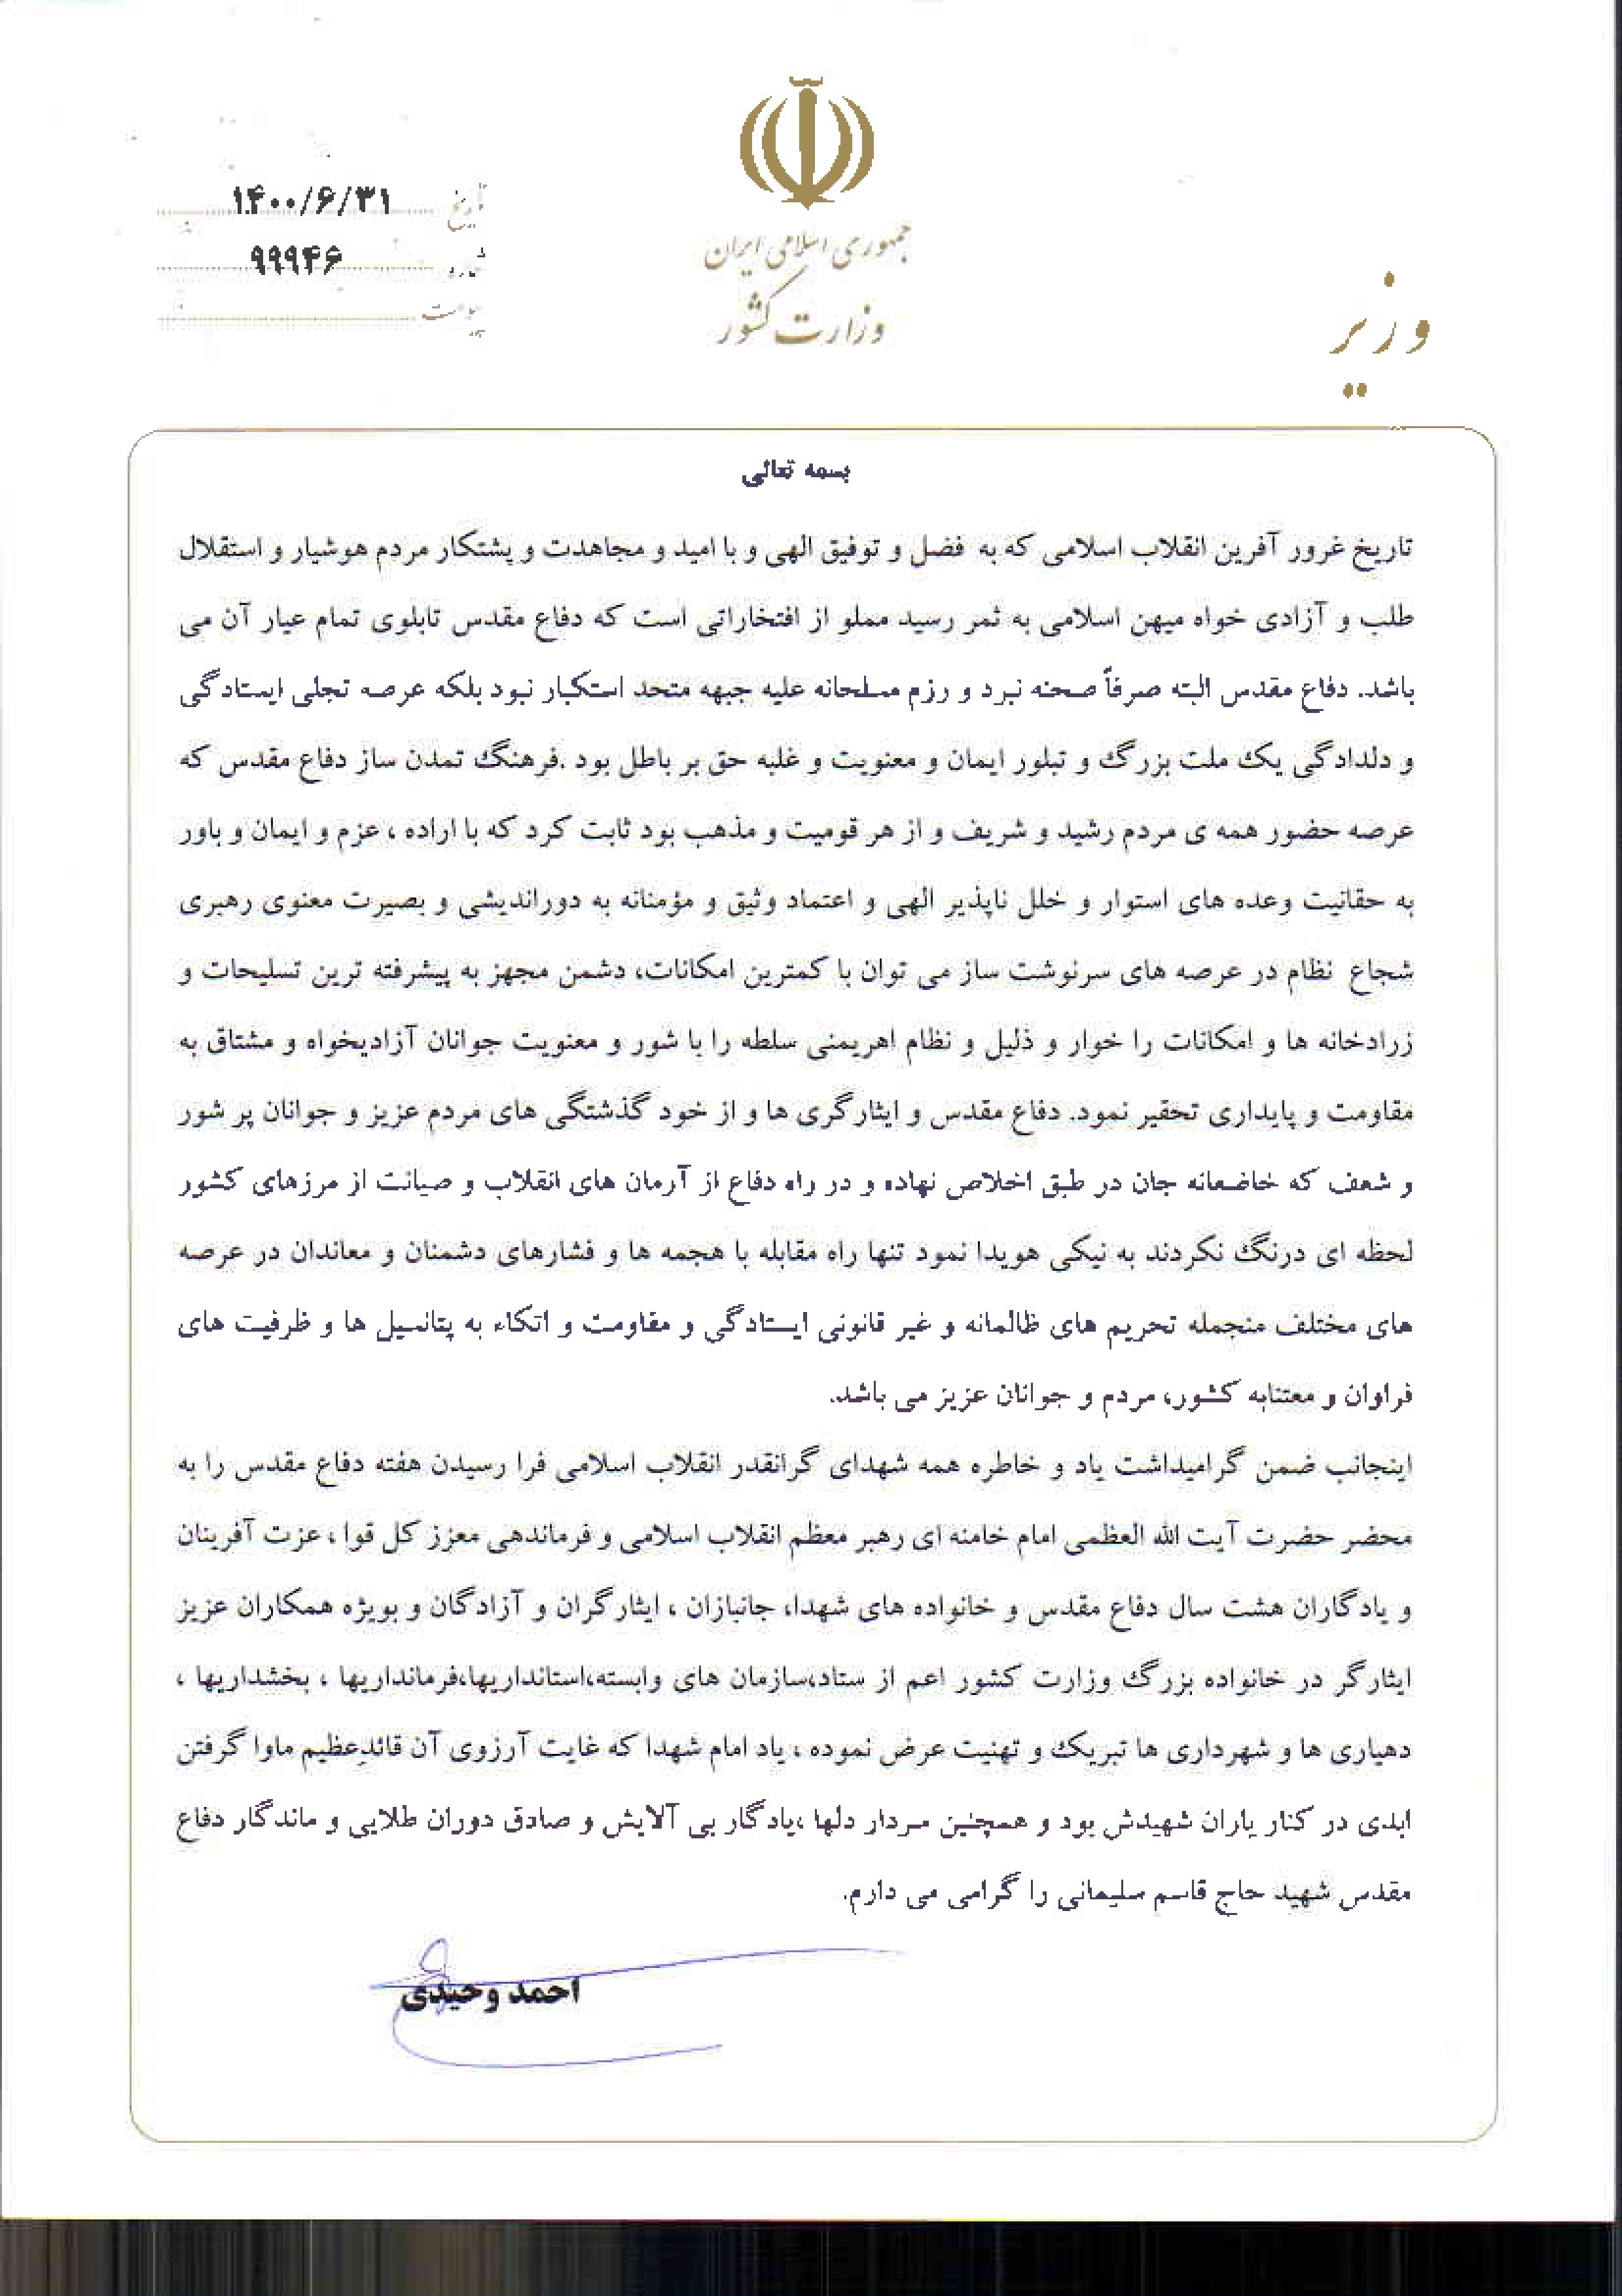 پیام تبریک  وزیر محترم کشور به مناسبت گرامیداشت هفته دفاع مقدس